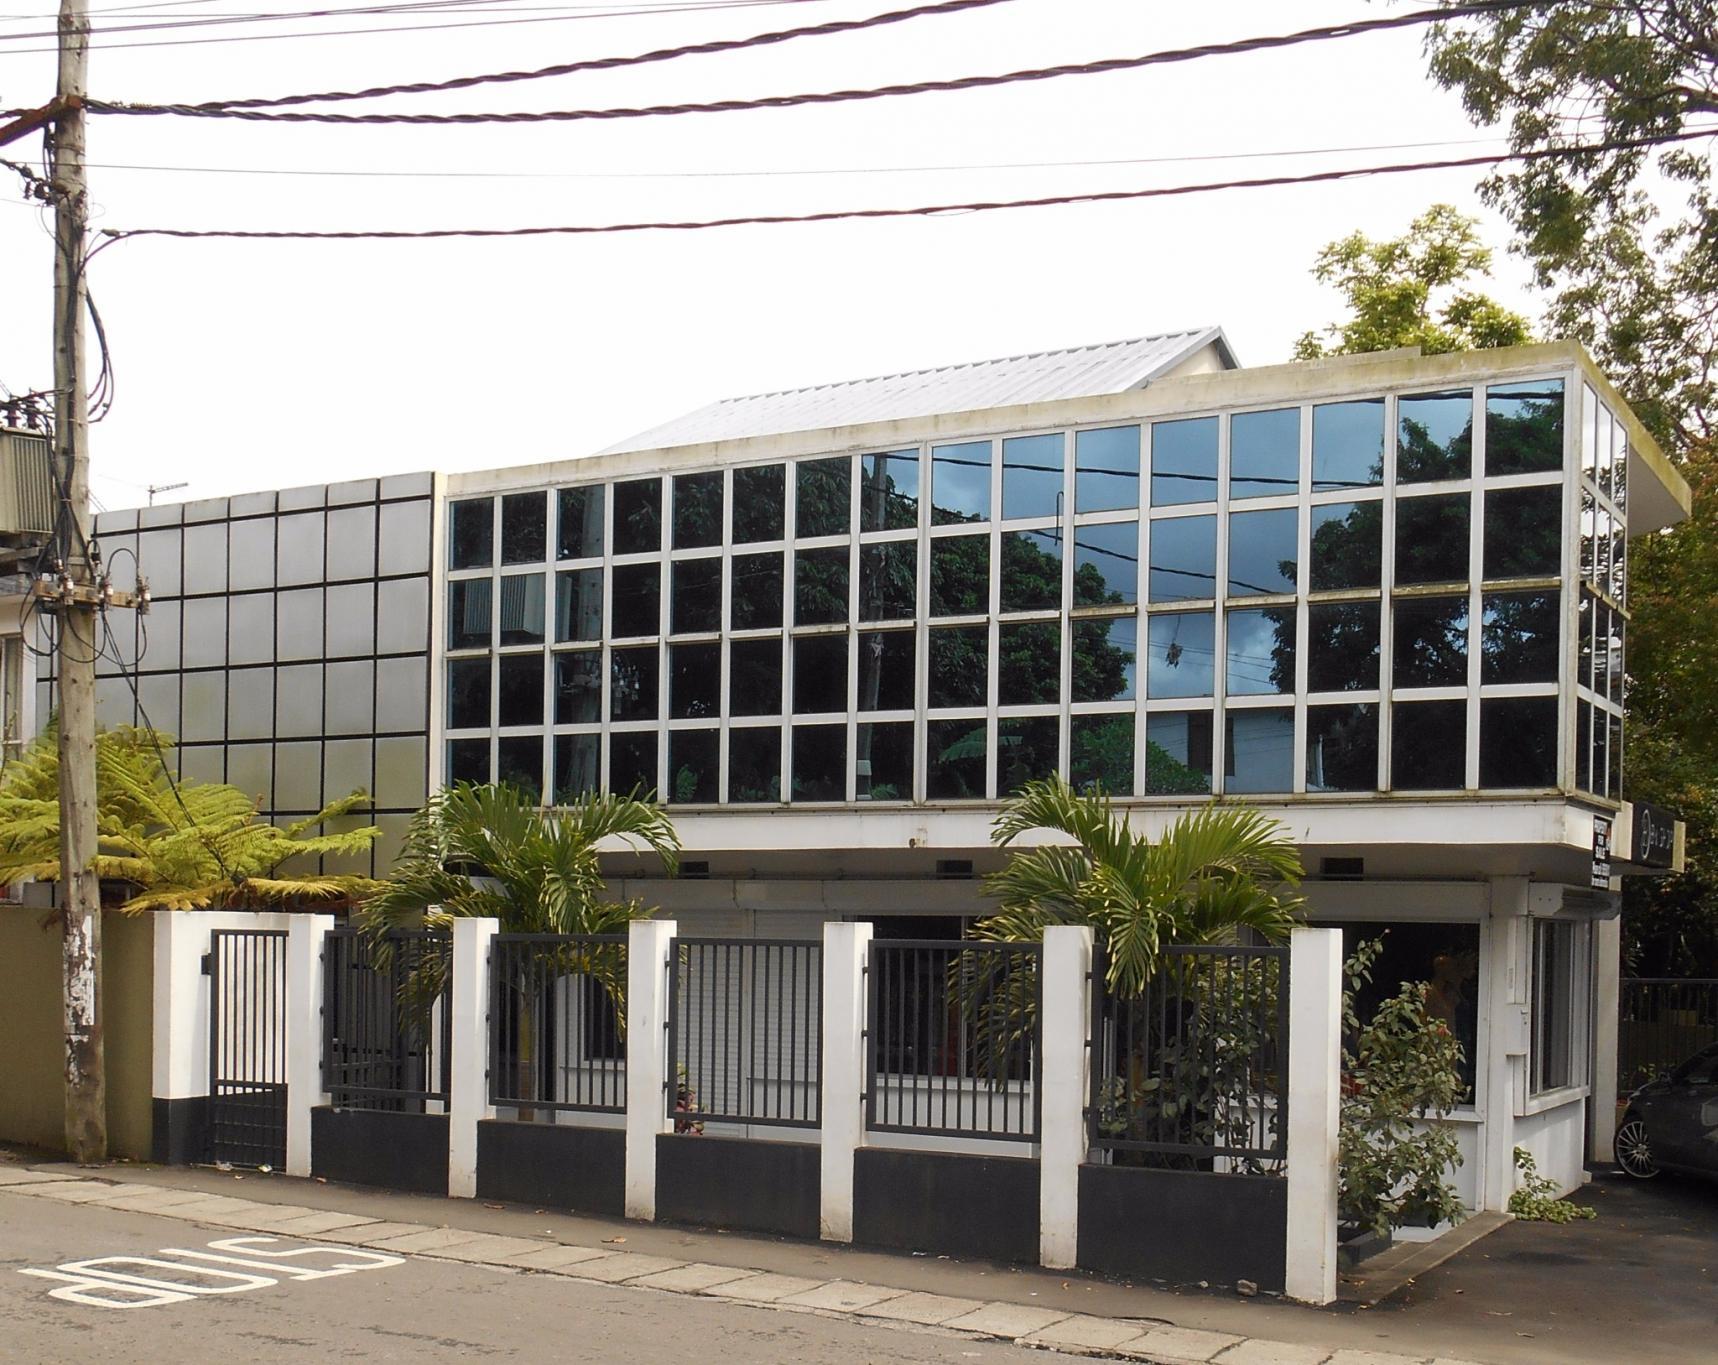 A vendre – Bâtiment commercial de 300 m2 sur un terrain de 83 toises situé à Vacoas.